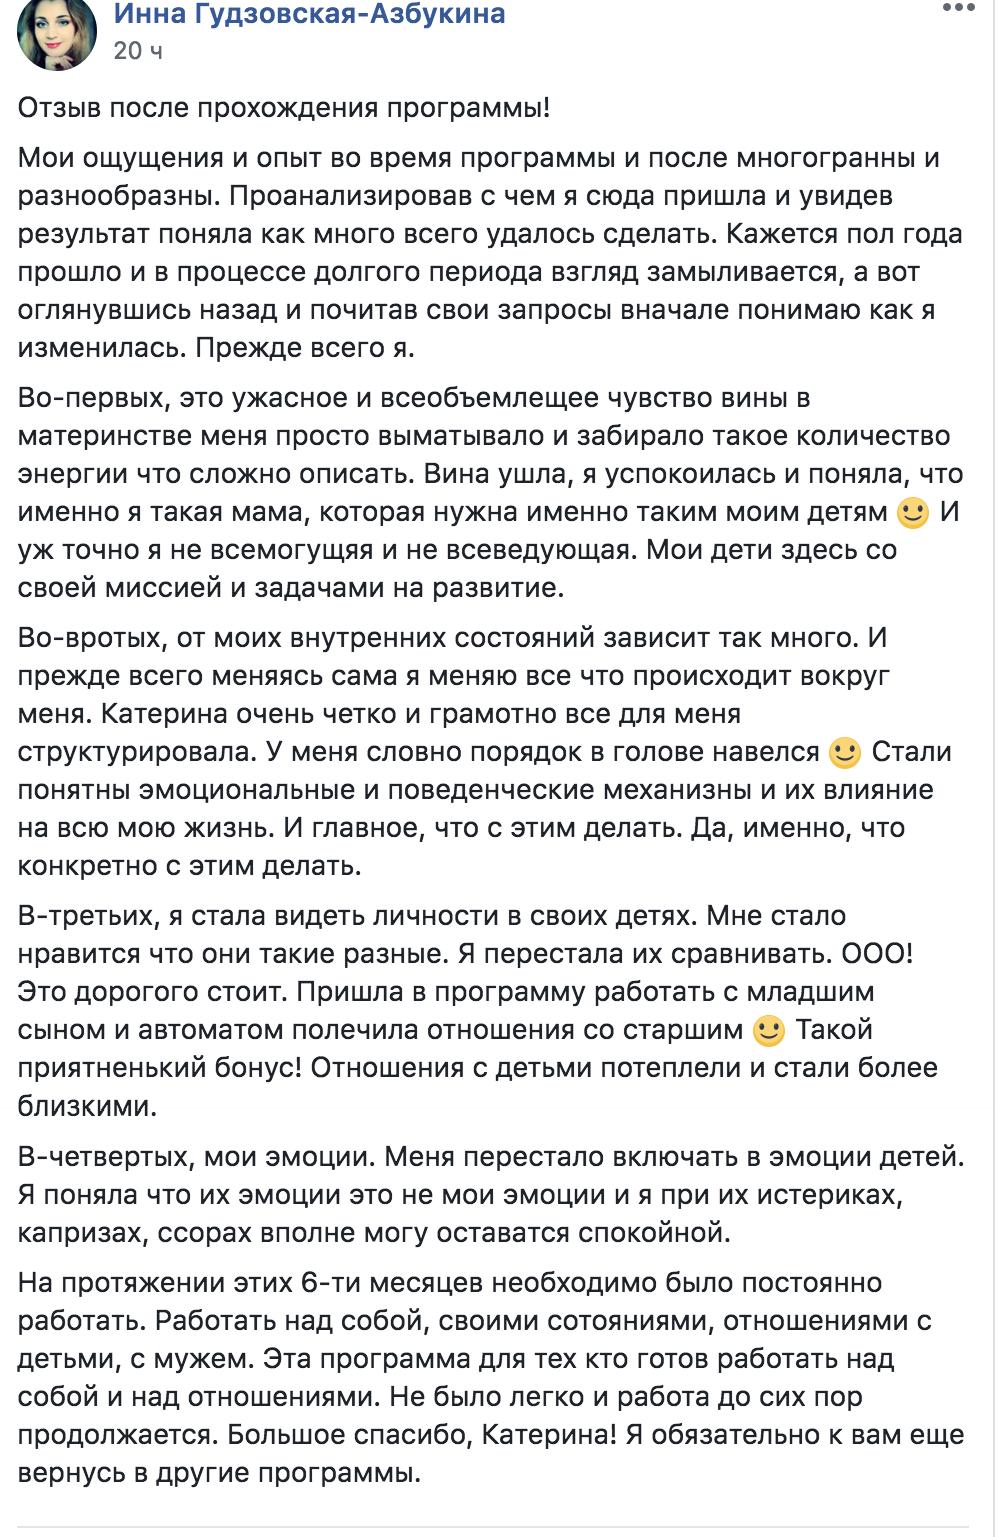 Гудзовская